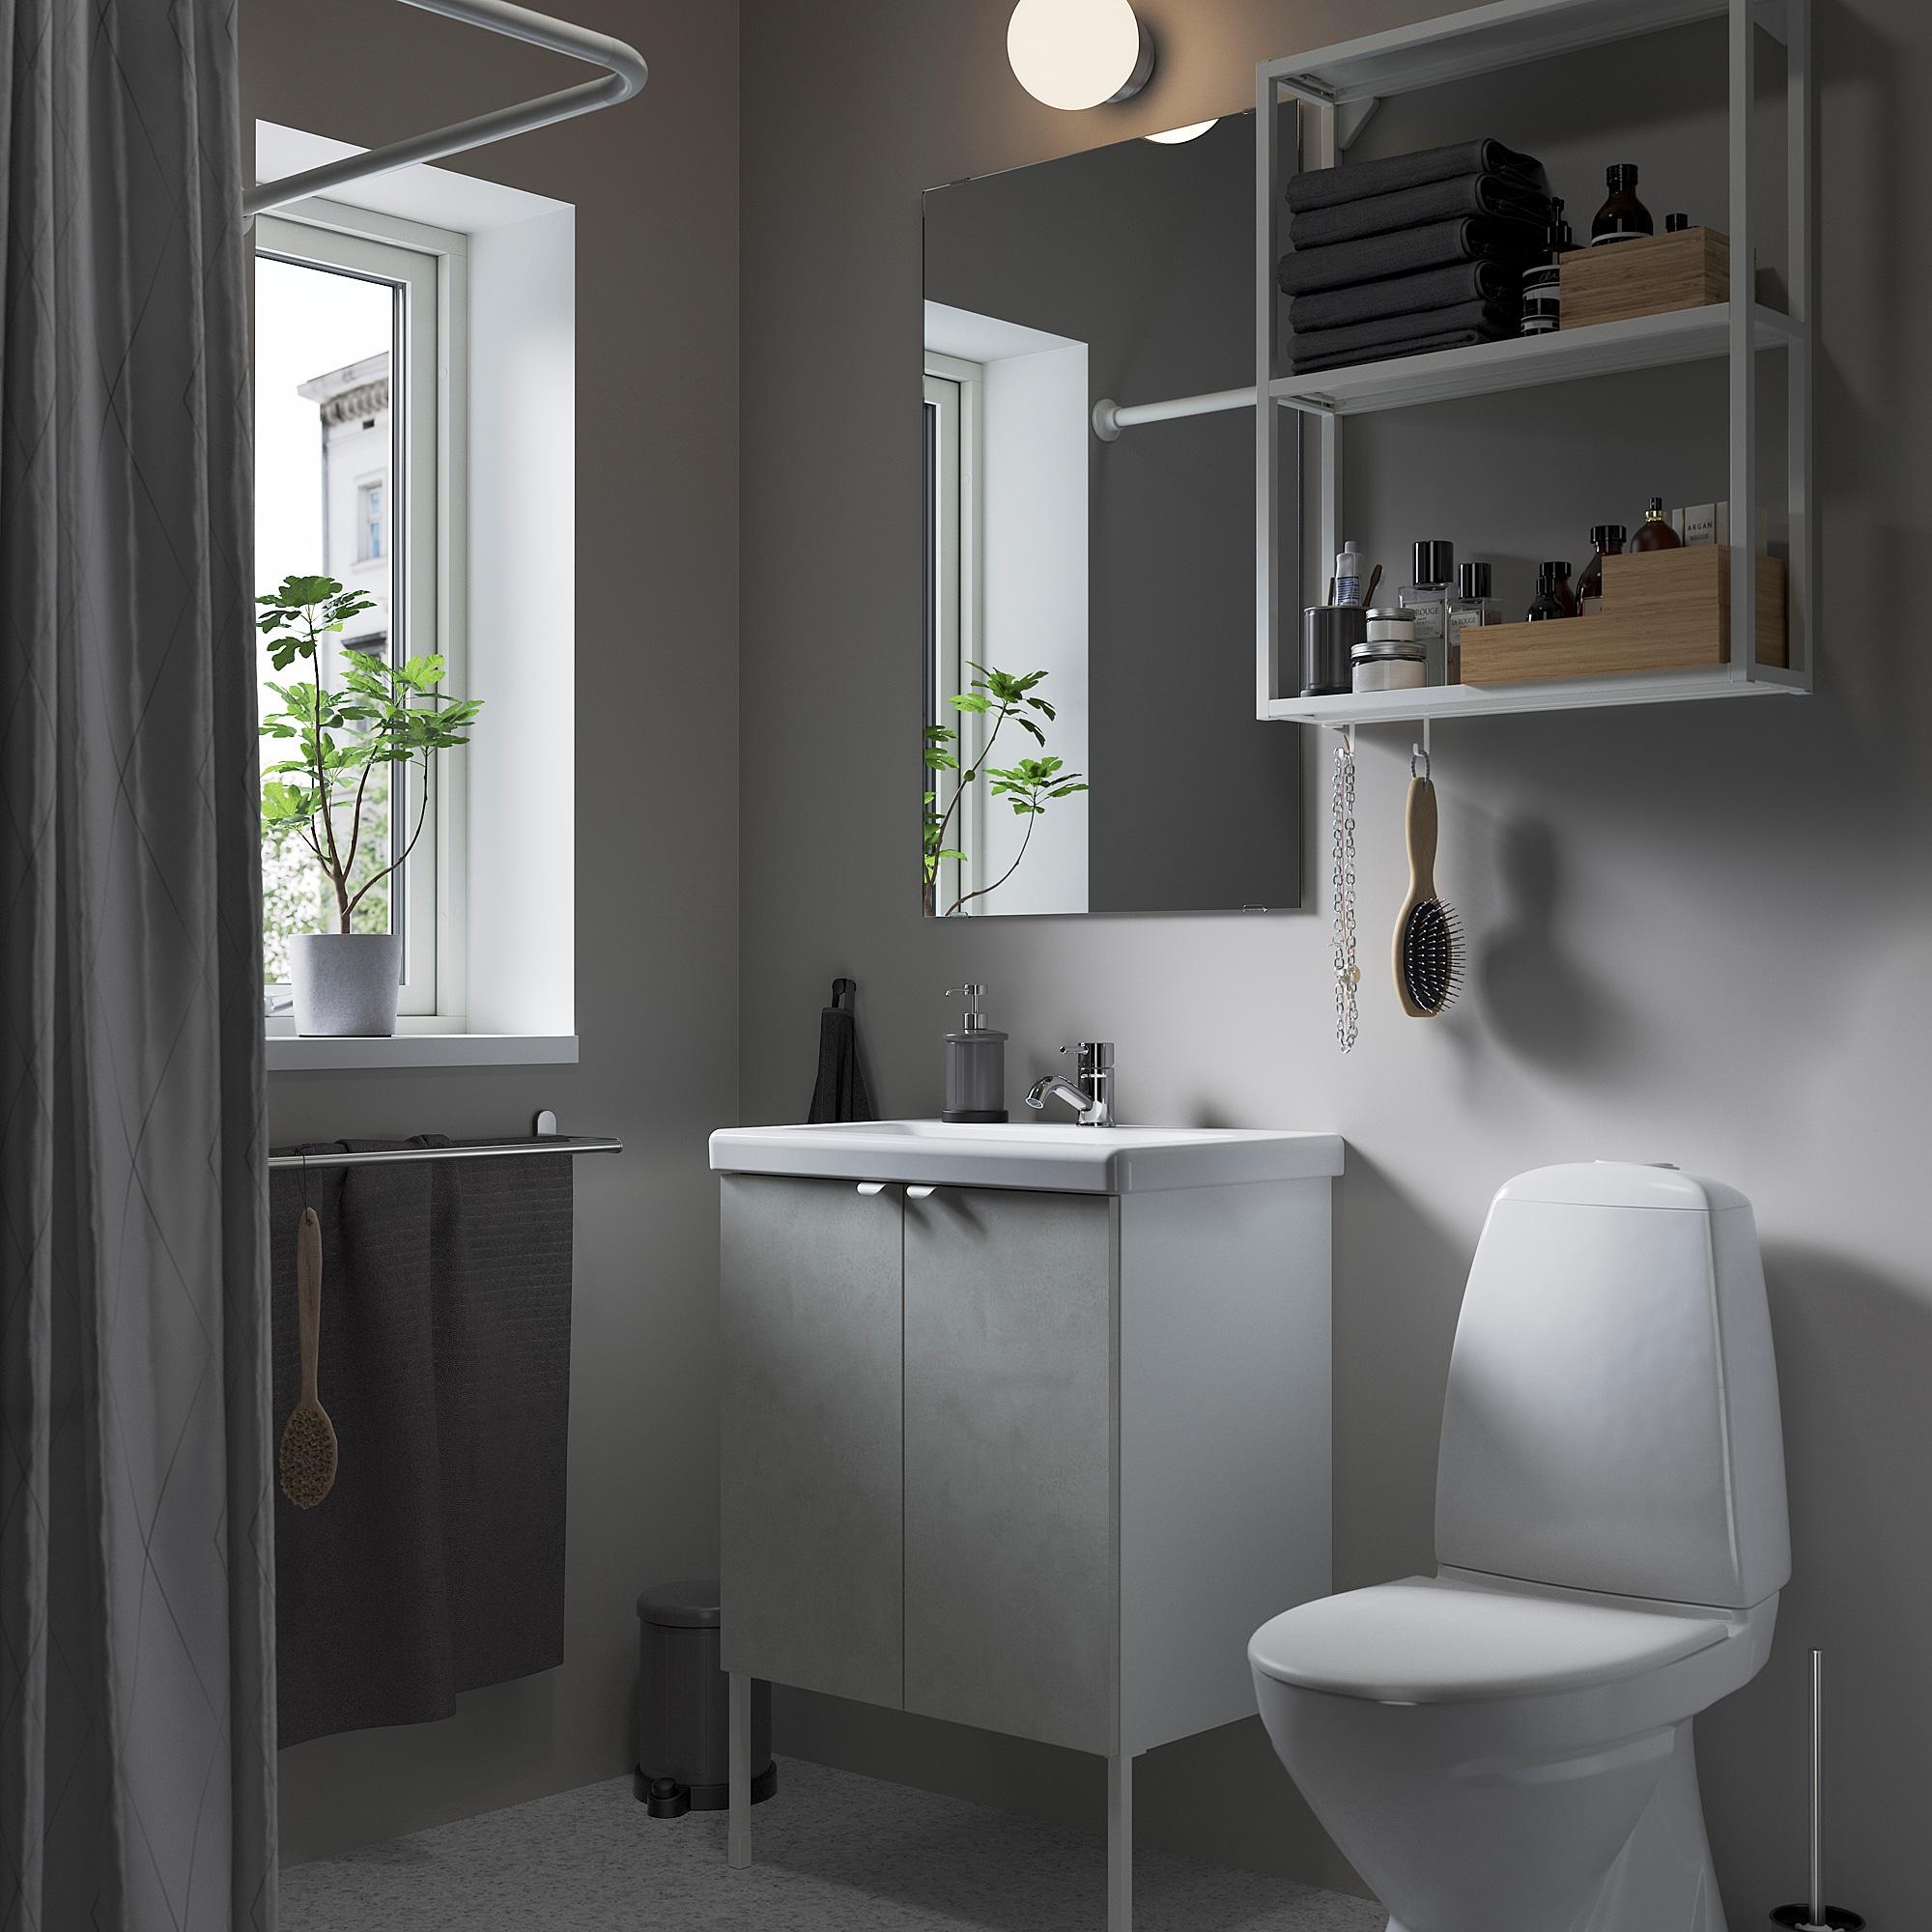 Picture of: Enhet Tvallen Badevaerelseskombination 11 Dele Betonmonstret Hvid Pilkan Blandingsbatteri Ikea